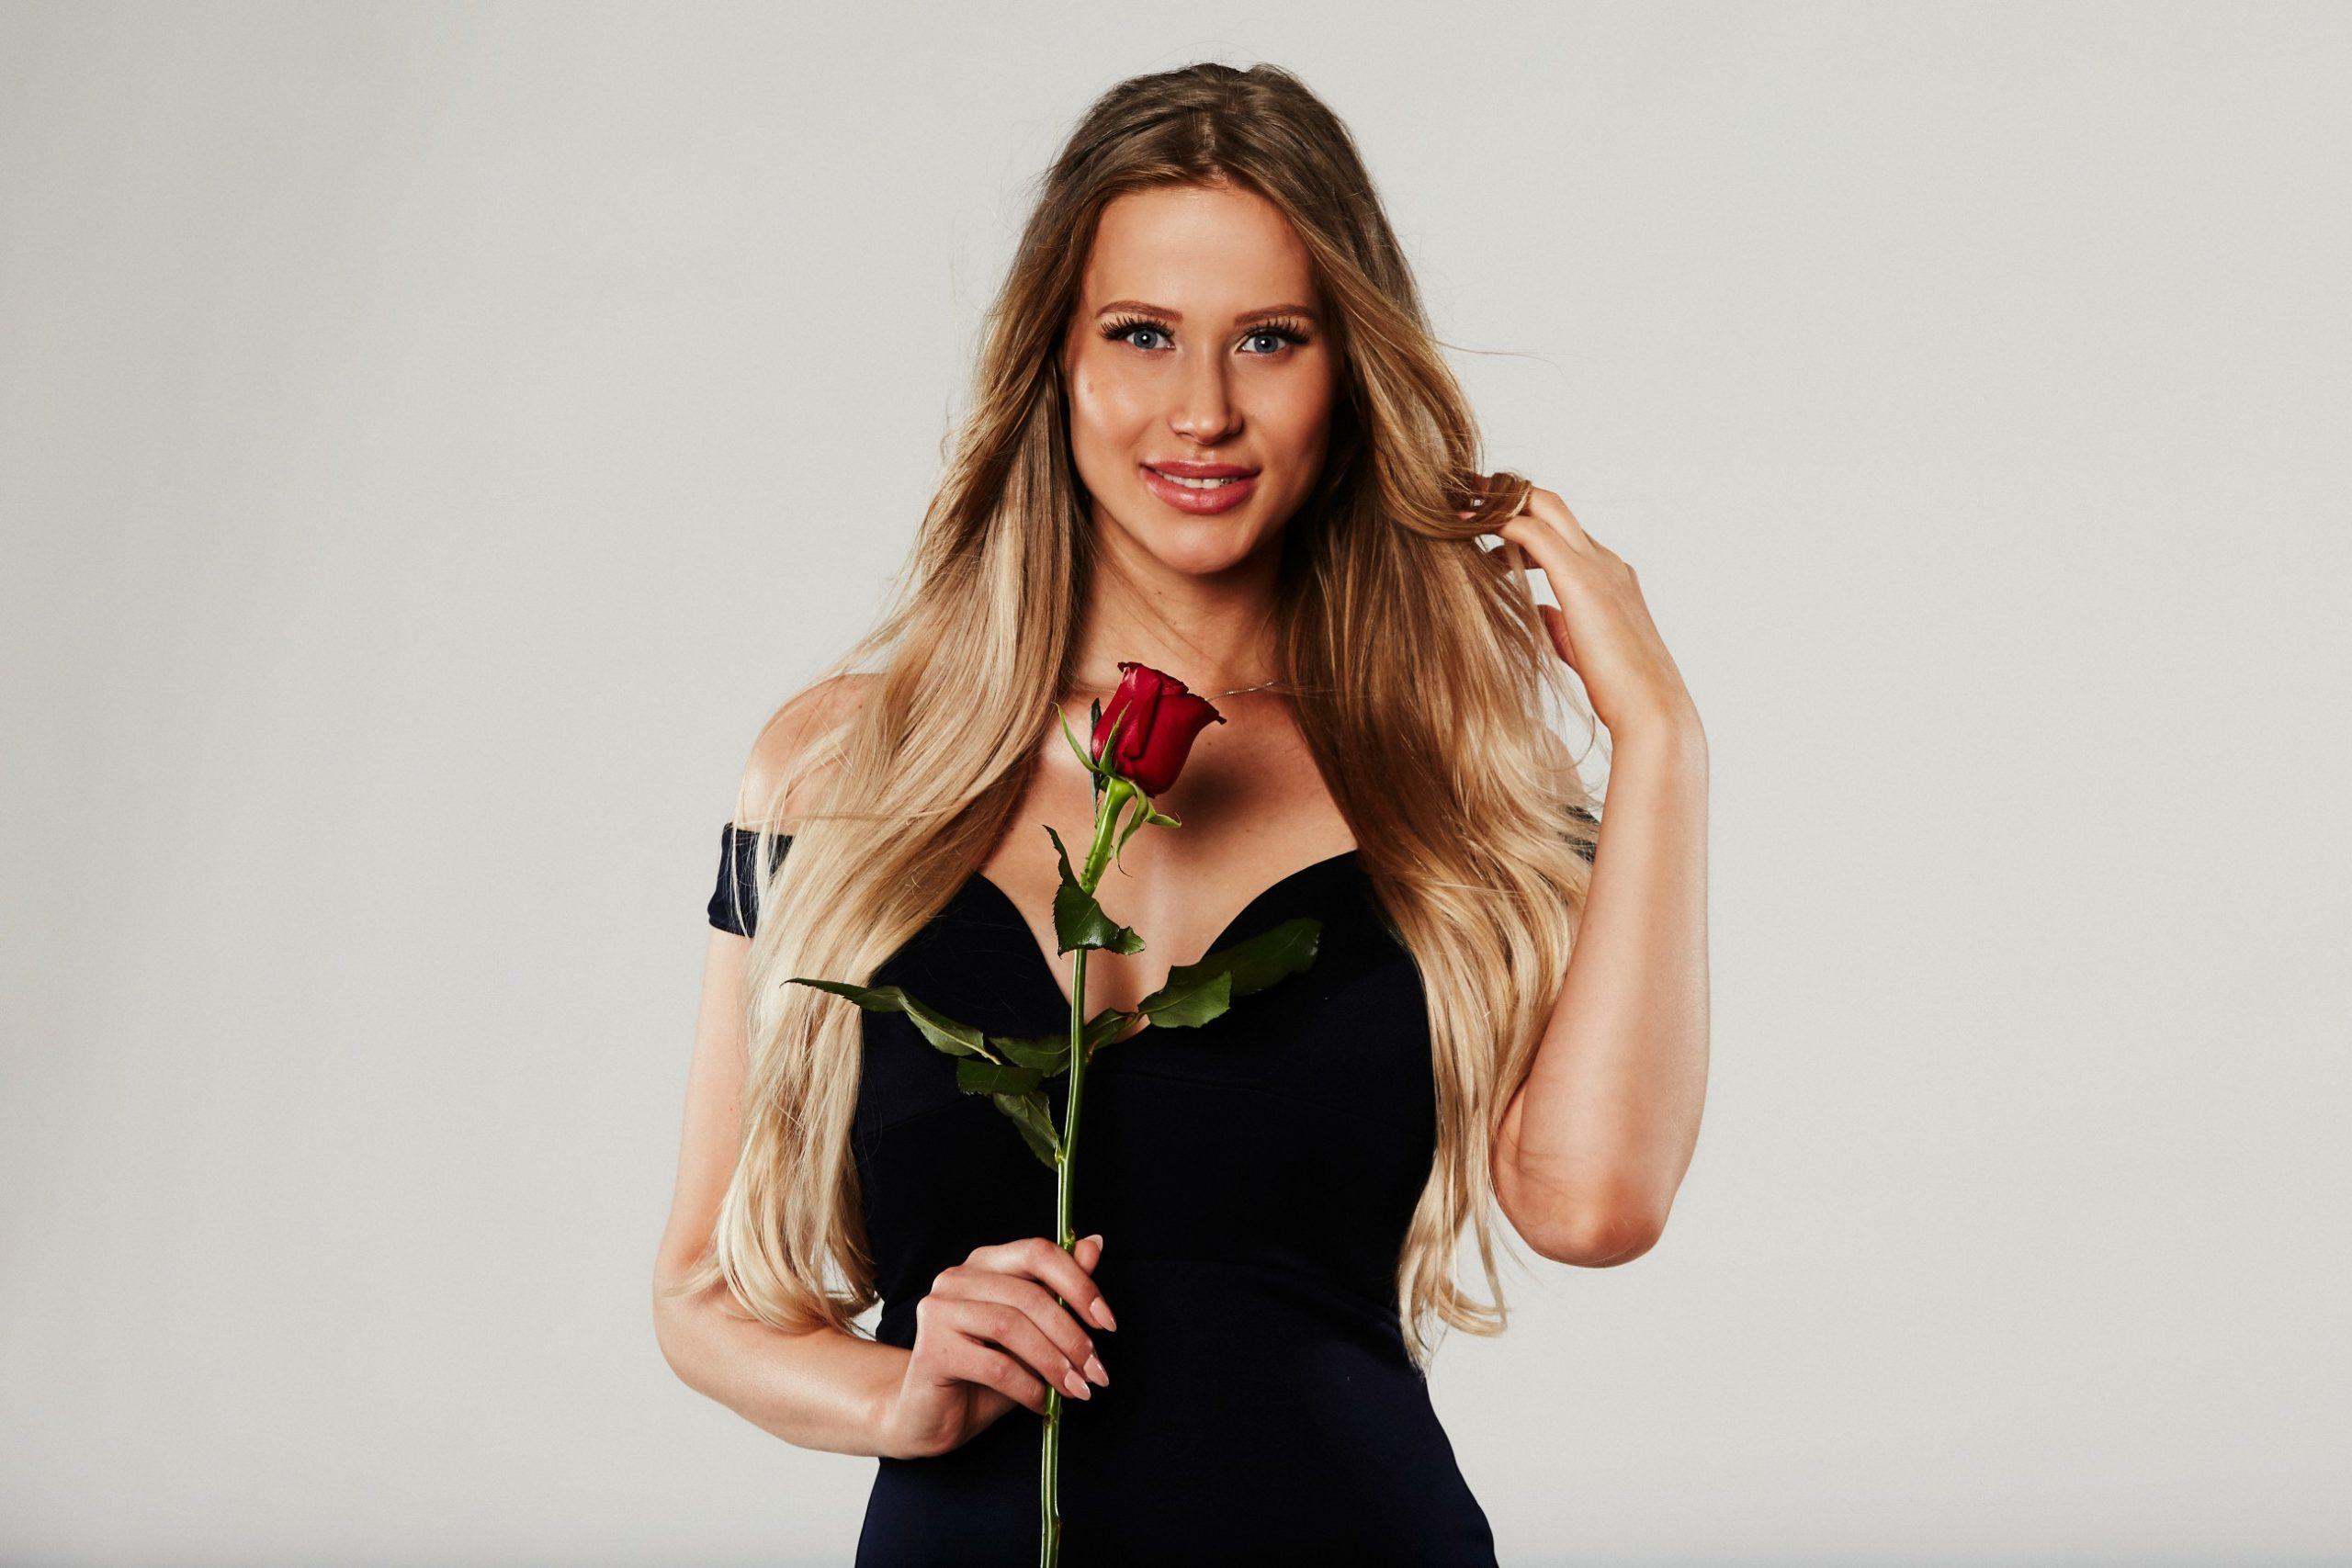 22 flirt- und kampfbereite Single-Damen sind nach Mexiko gereist, um Sebastian den Kopf zu verdrehen. Wer hat die bessere Strategie?